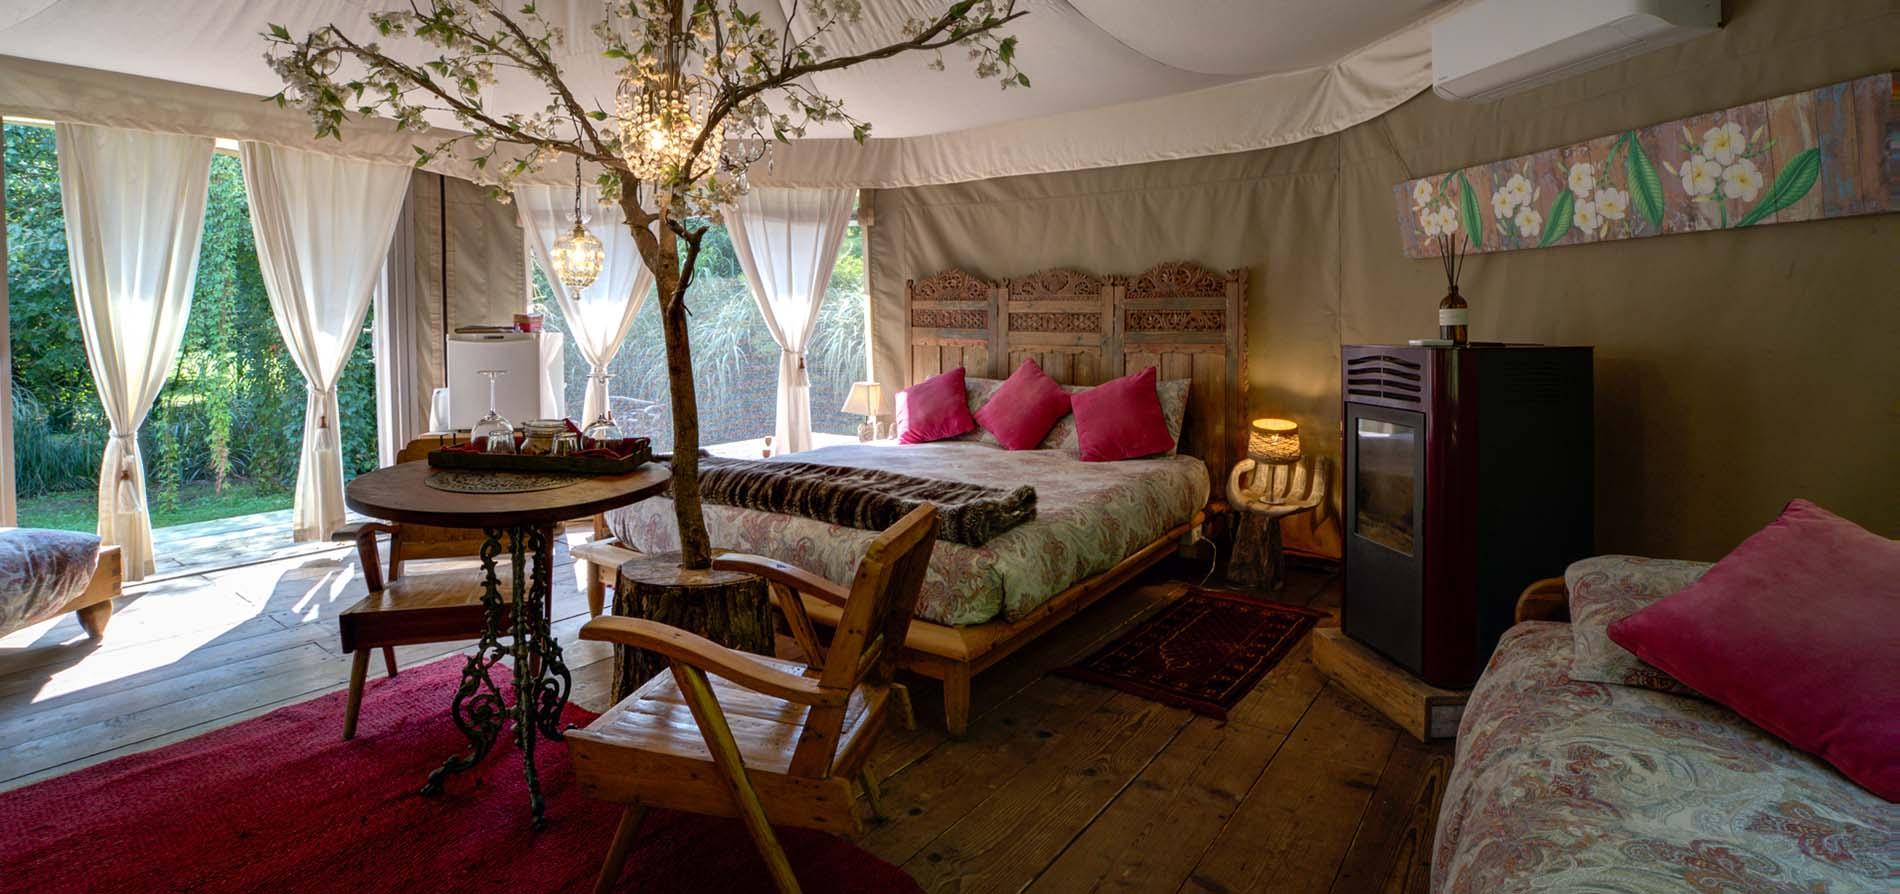 Ampia vista sulla natura, luci glamour e un albero fiorito all'interno di una luxury tent del Glamping Canonici